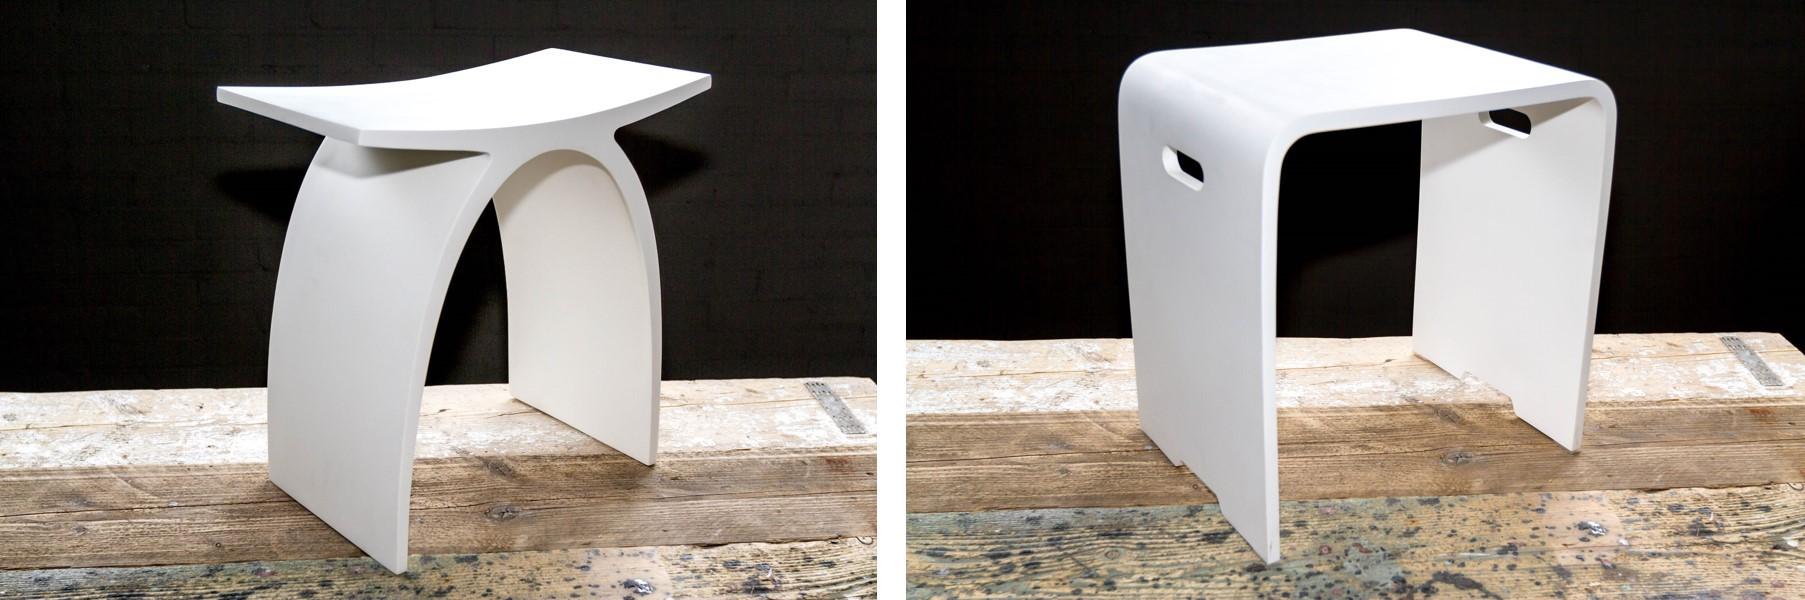 Cross tone design badkamerkruk nieuws startpagina voor badkamer idee n uw - Model badkamer design ...